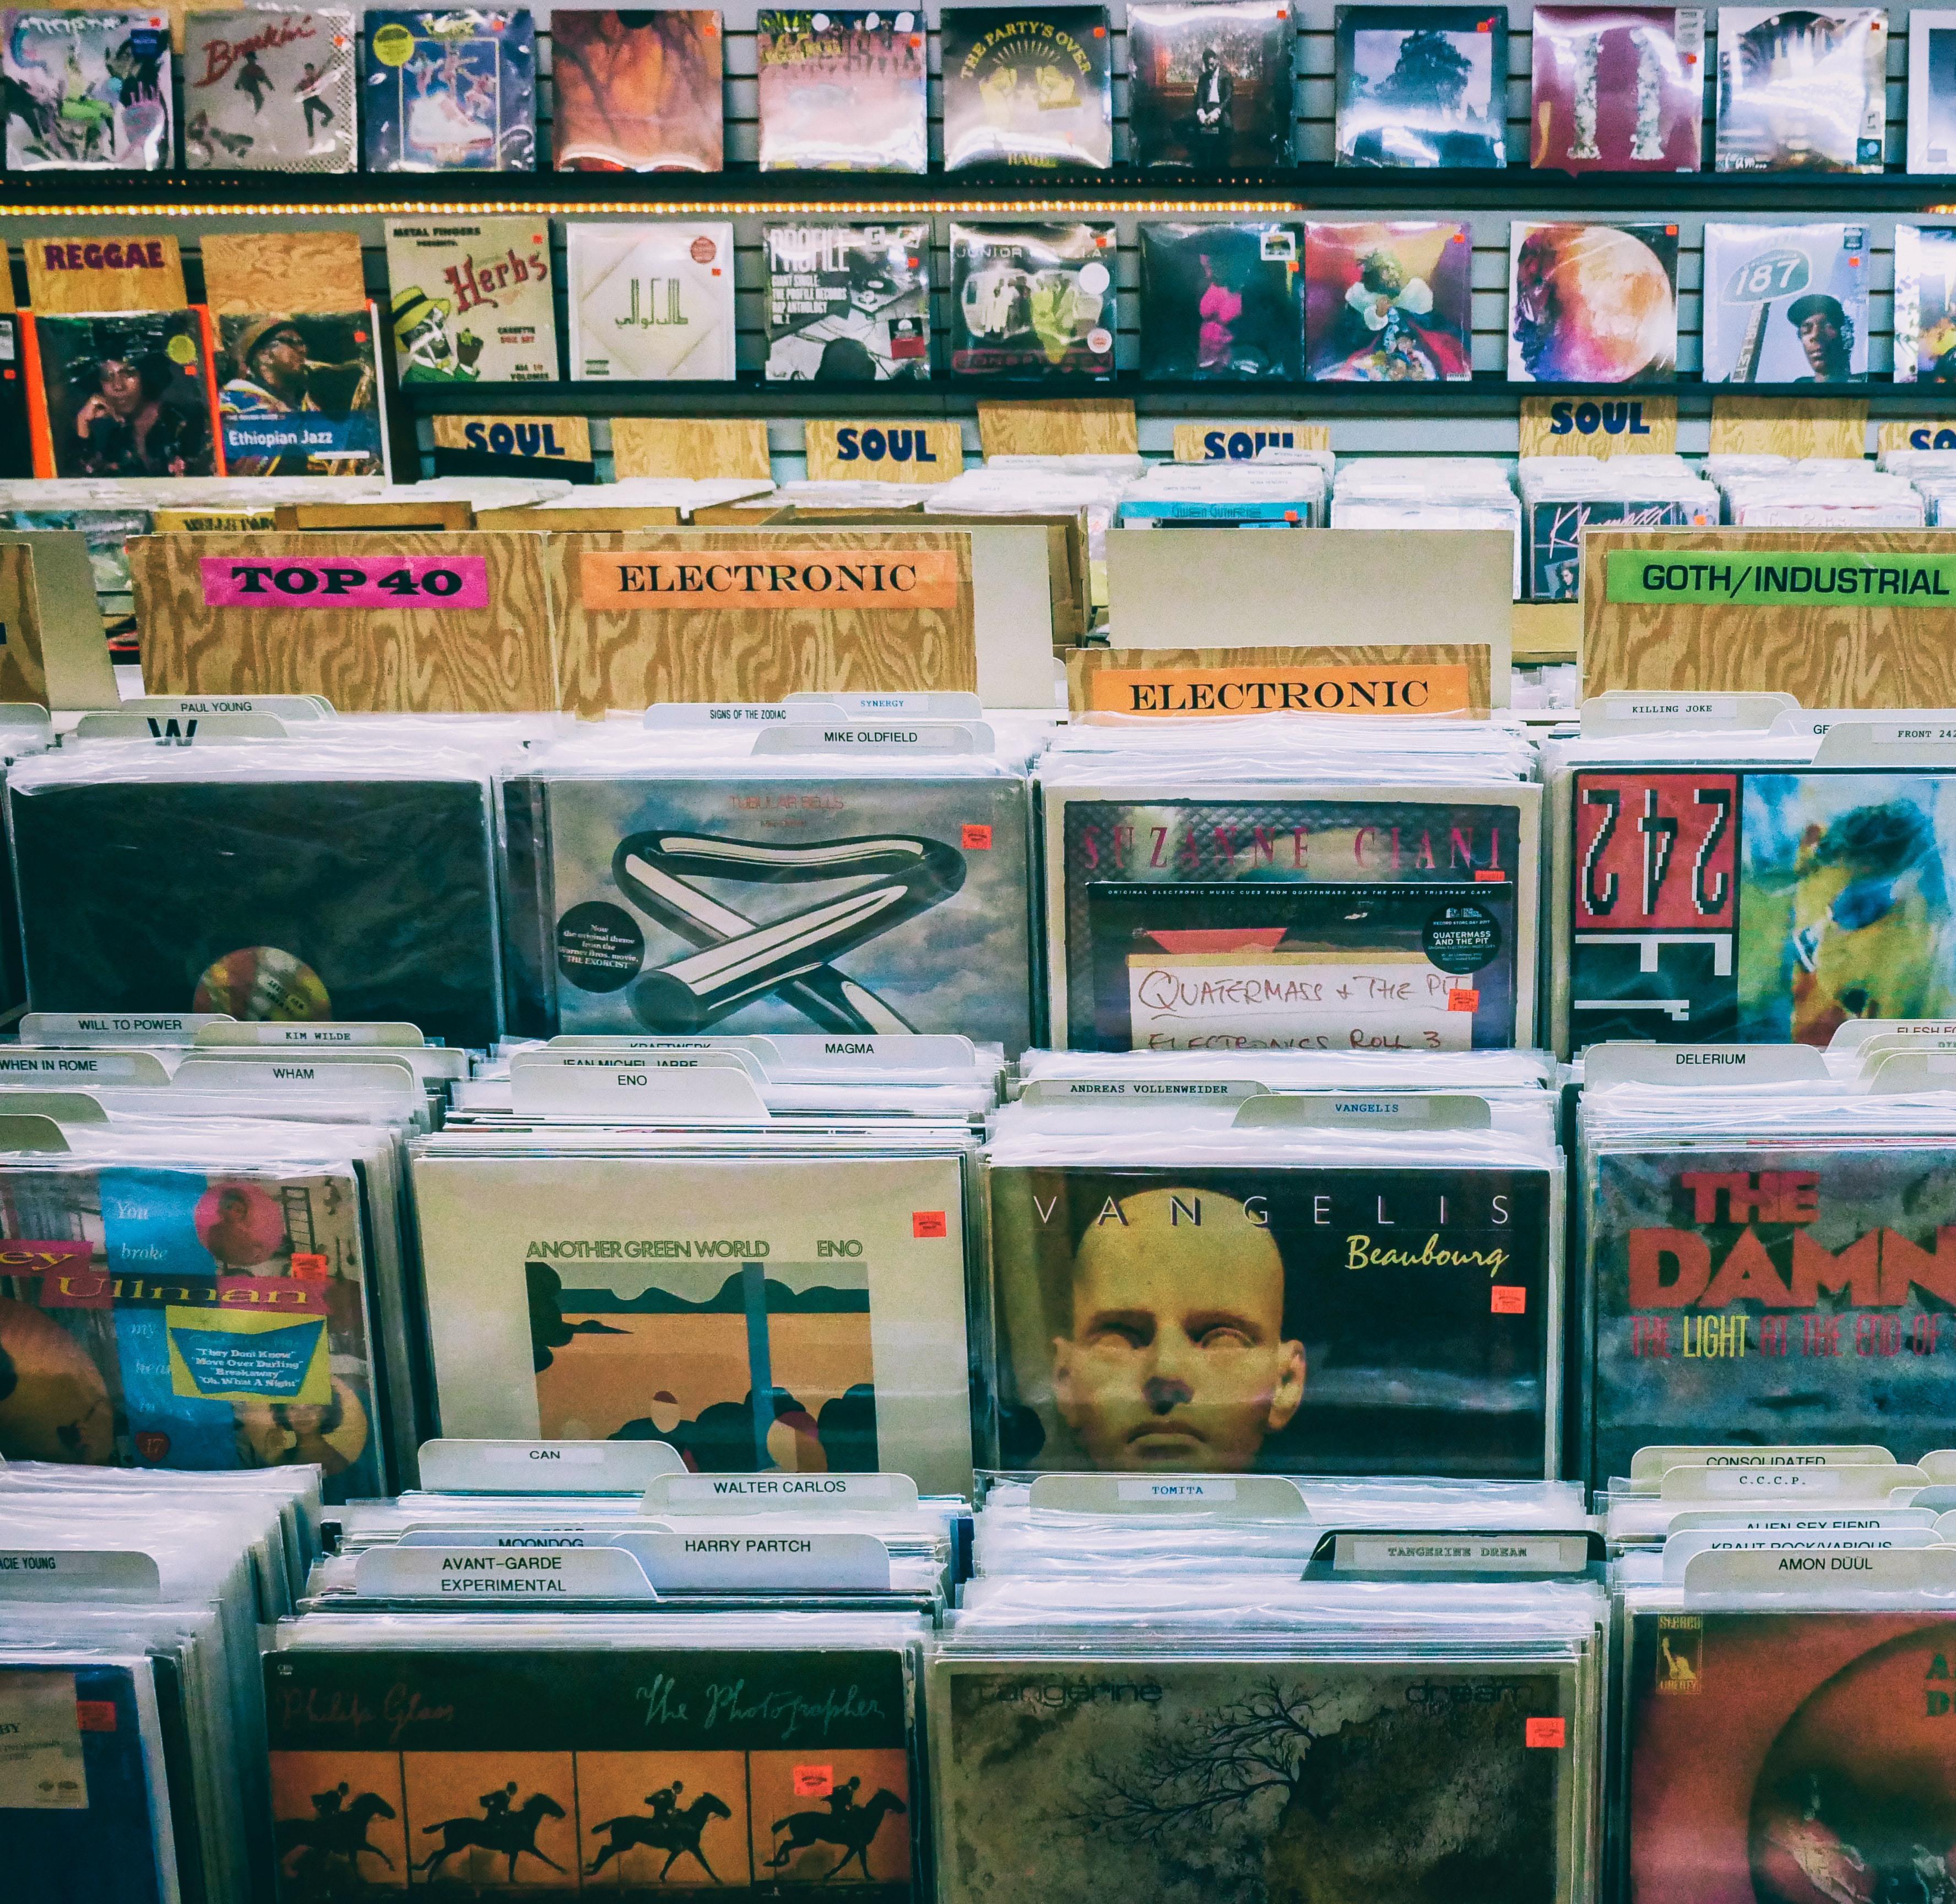 Как выбрать музыкальный формат для бизнеса | Картинка на сайте